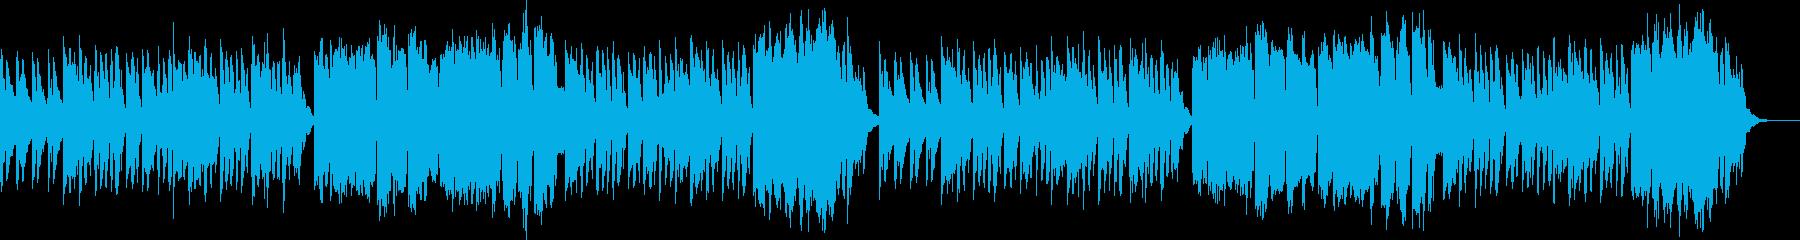 秋 10月 ハロウィン ホラー 定番の再生済みの波形